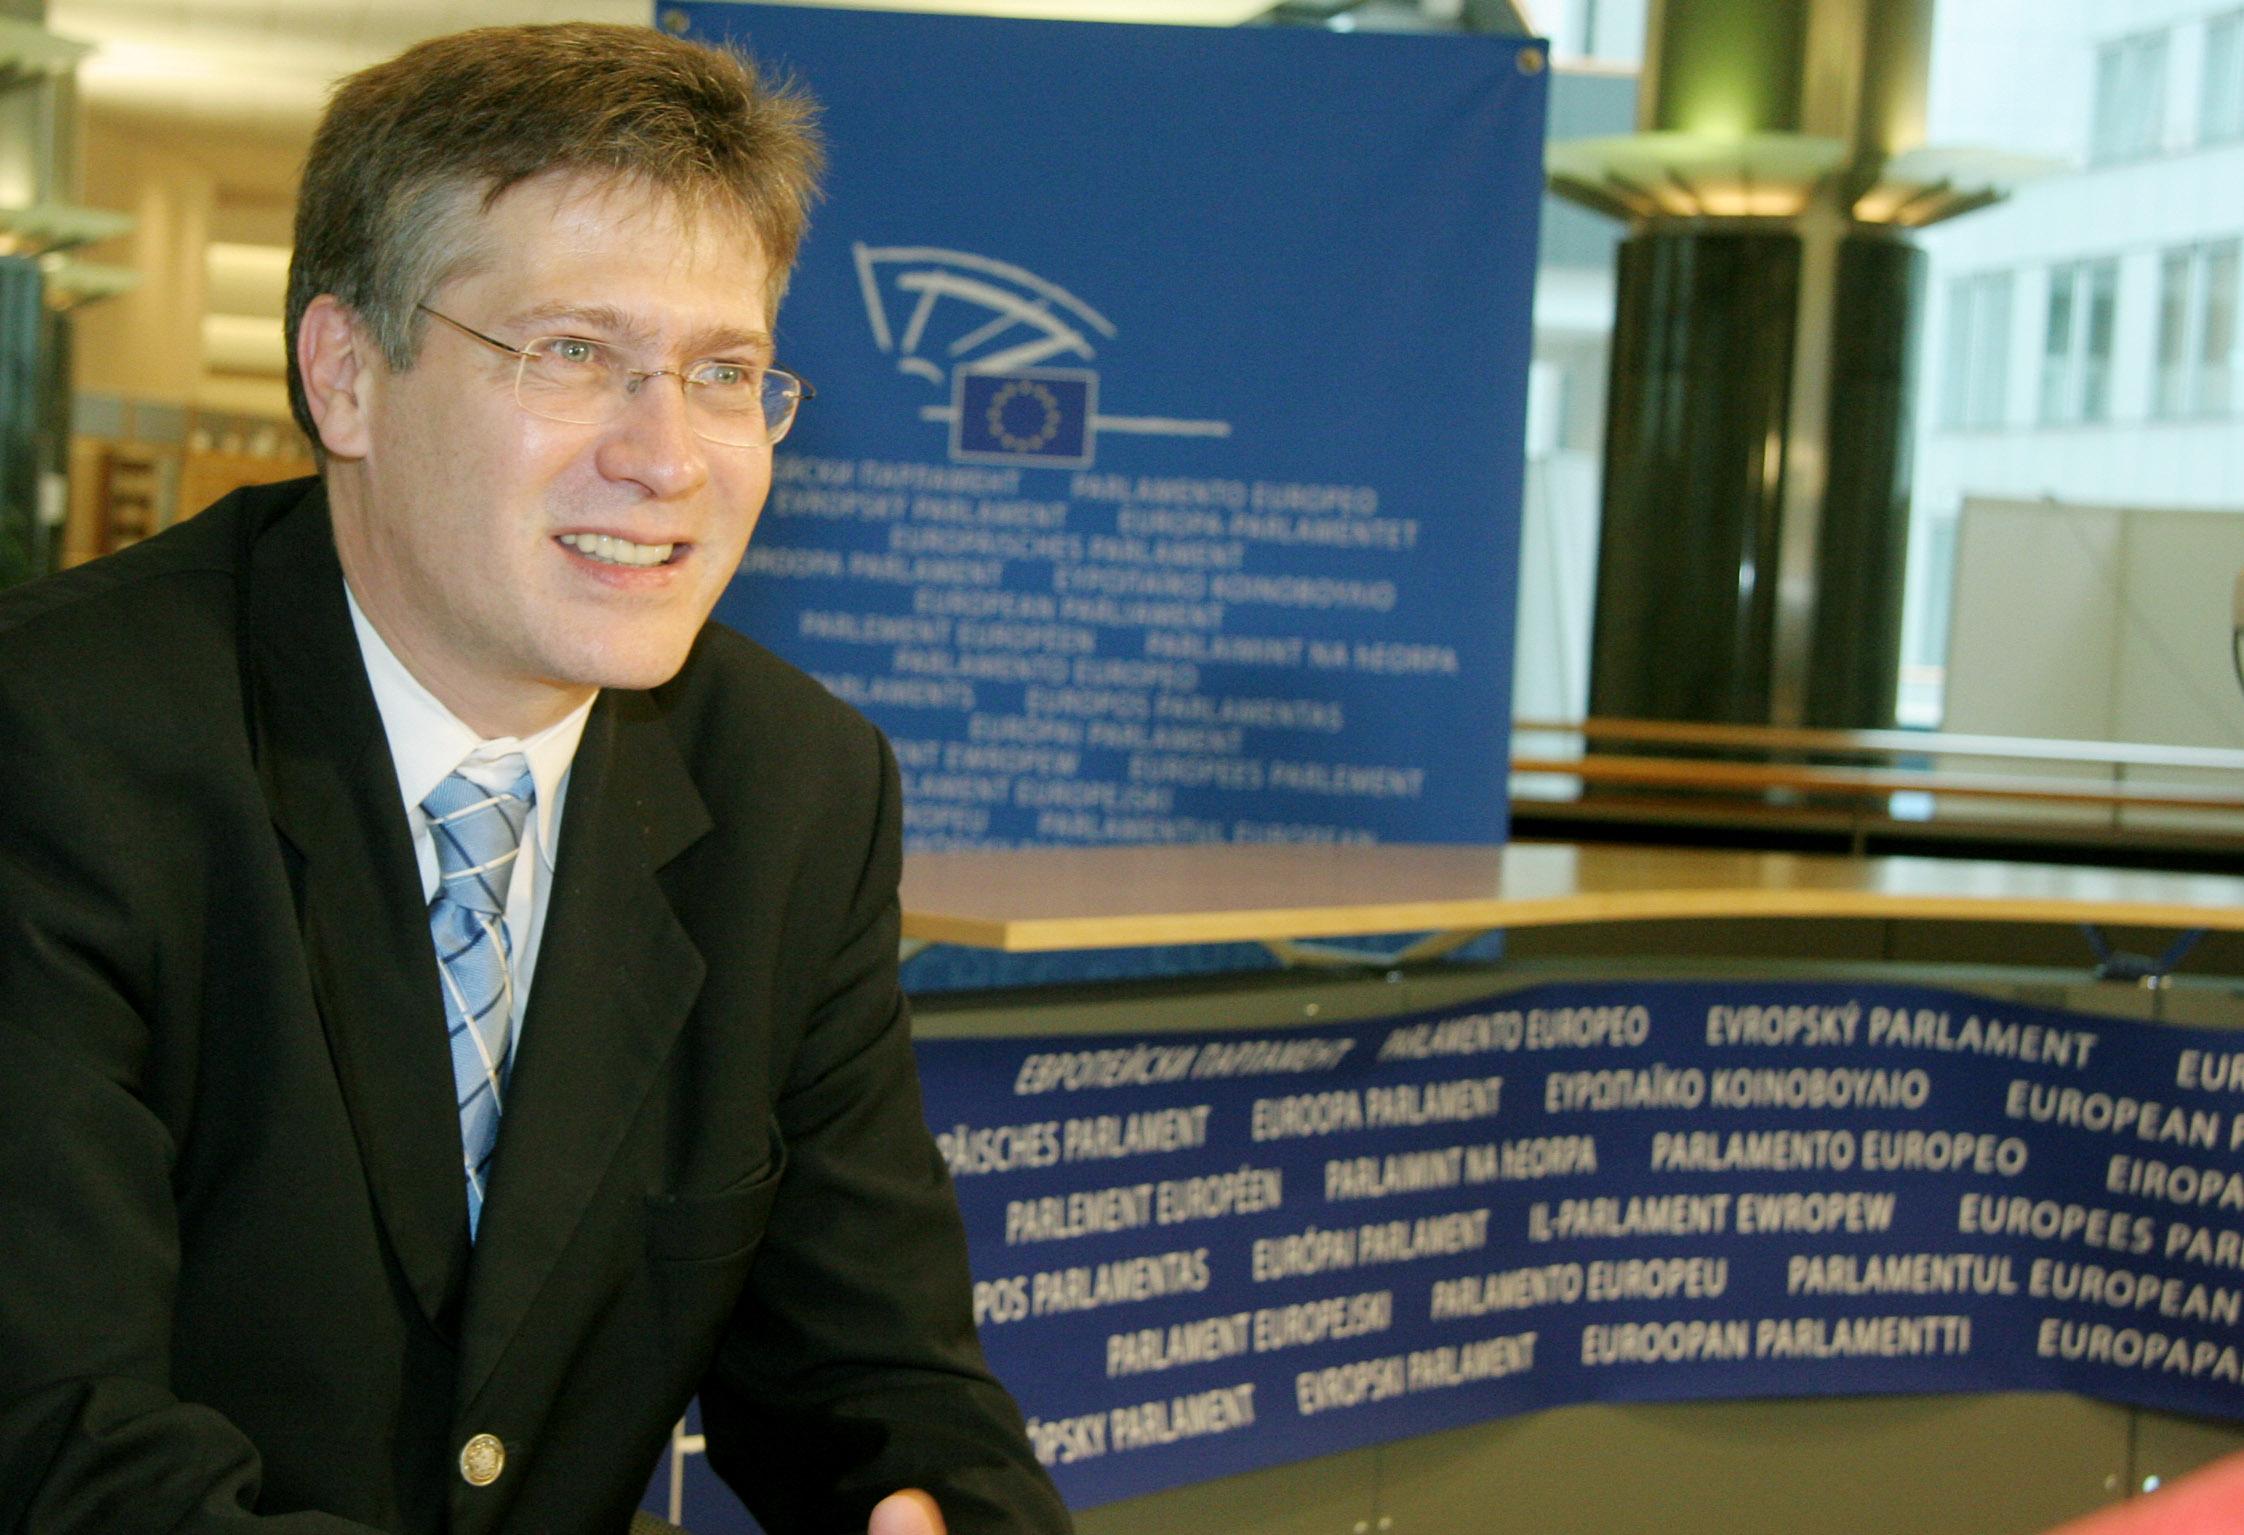 maďarsko V4 opozícia orbán bratislavský summit